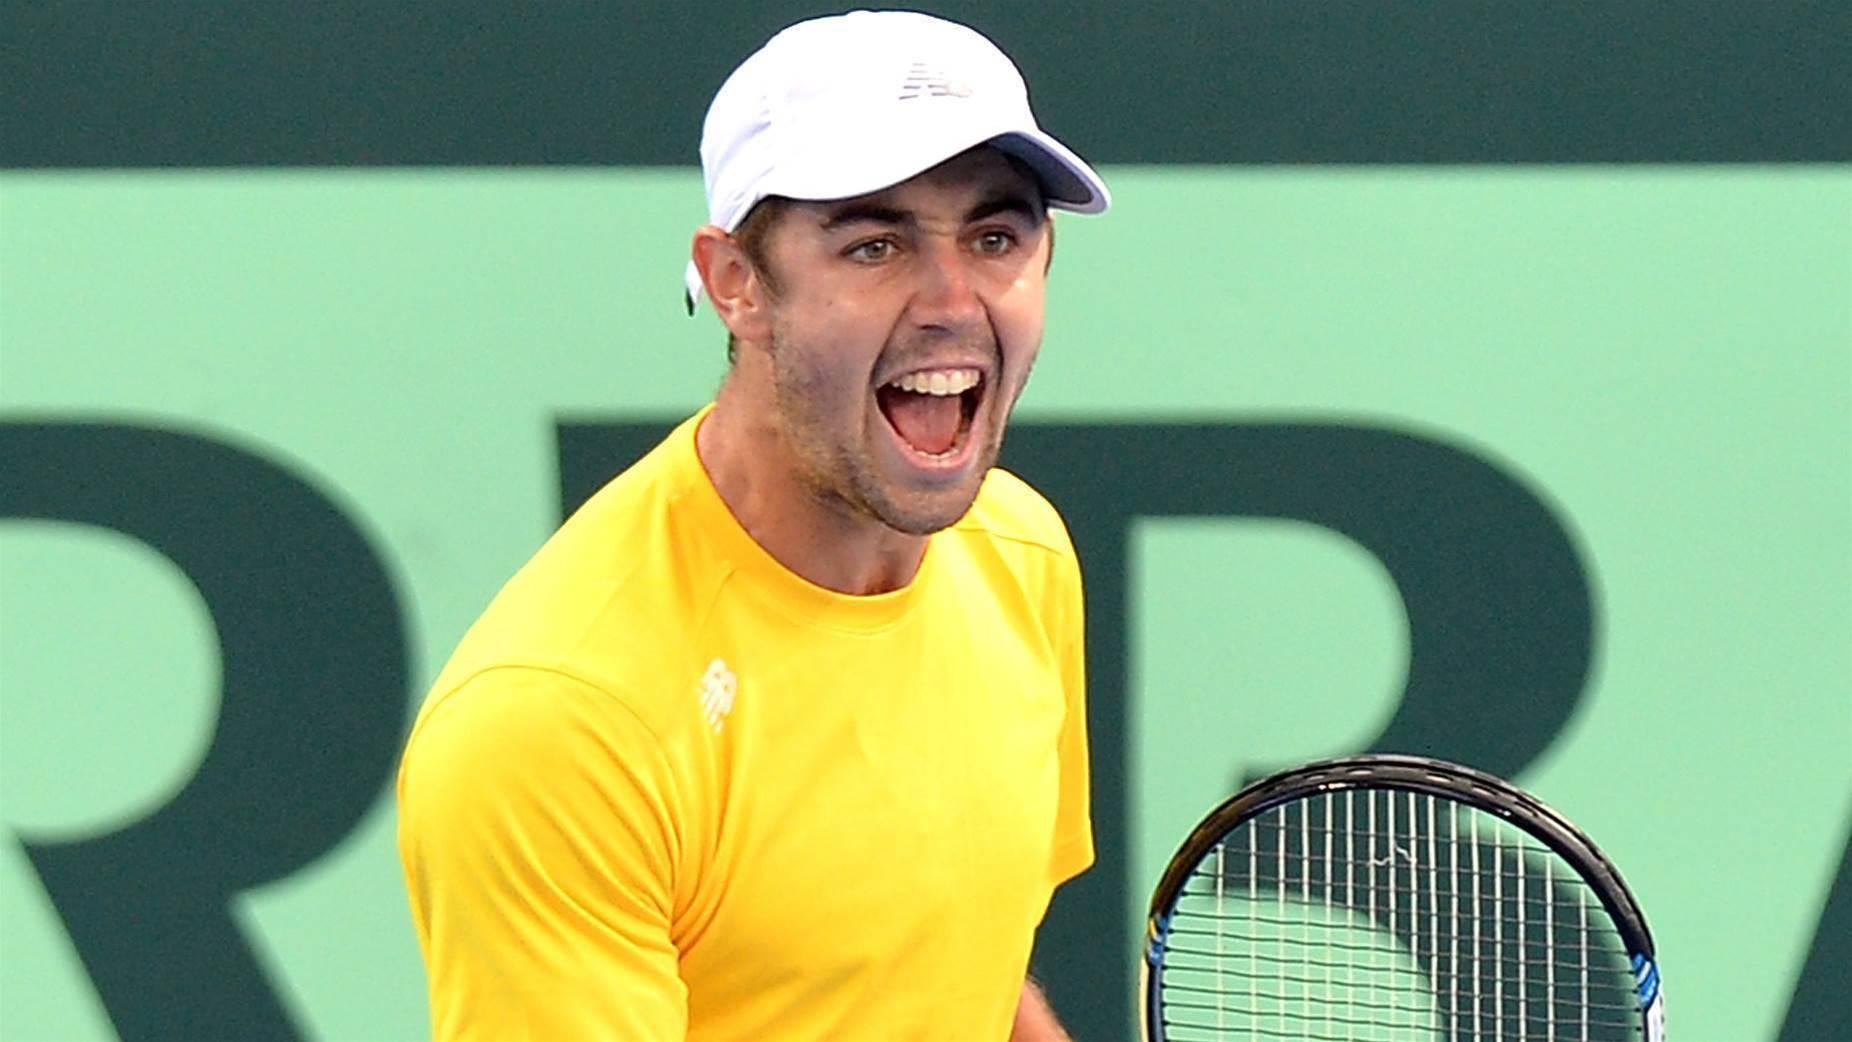 Aussie battler downs US star in Davis Cup